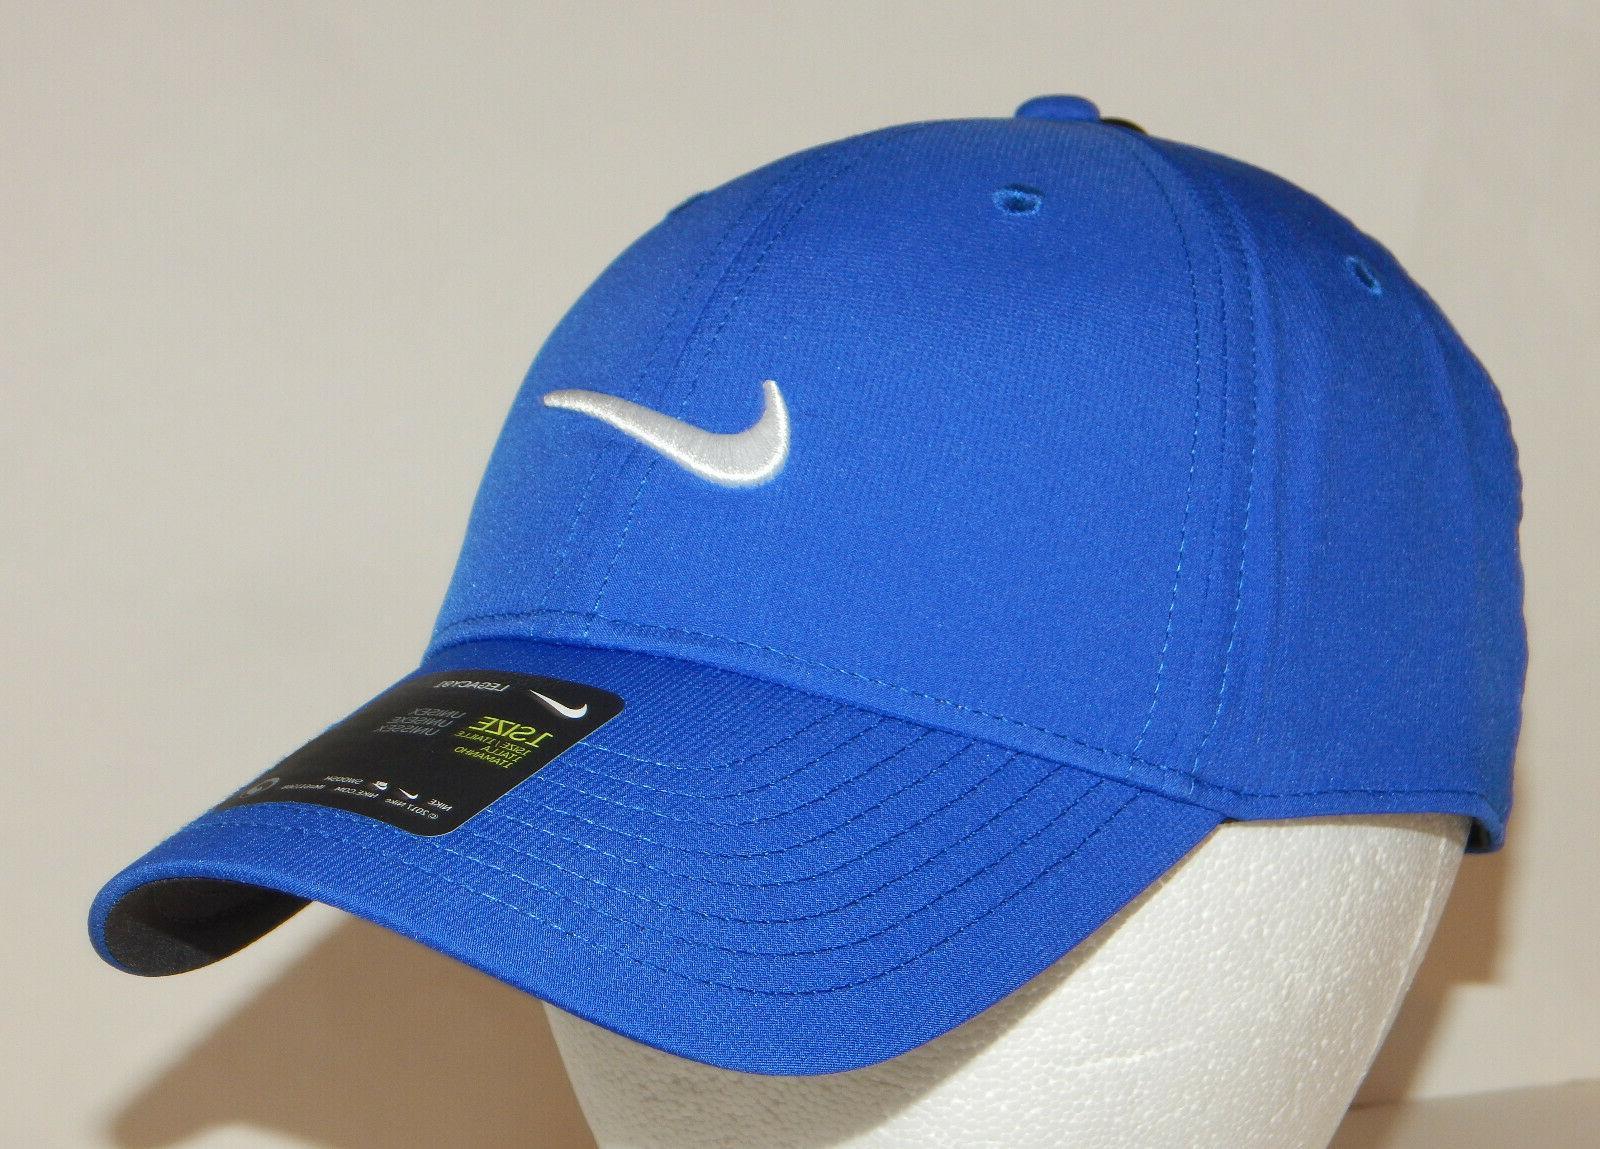 Nike Unisex / Hat Grey